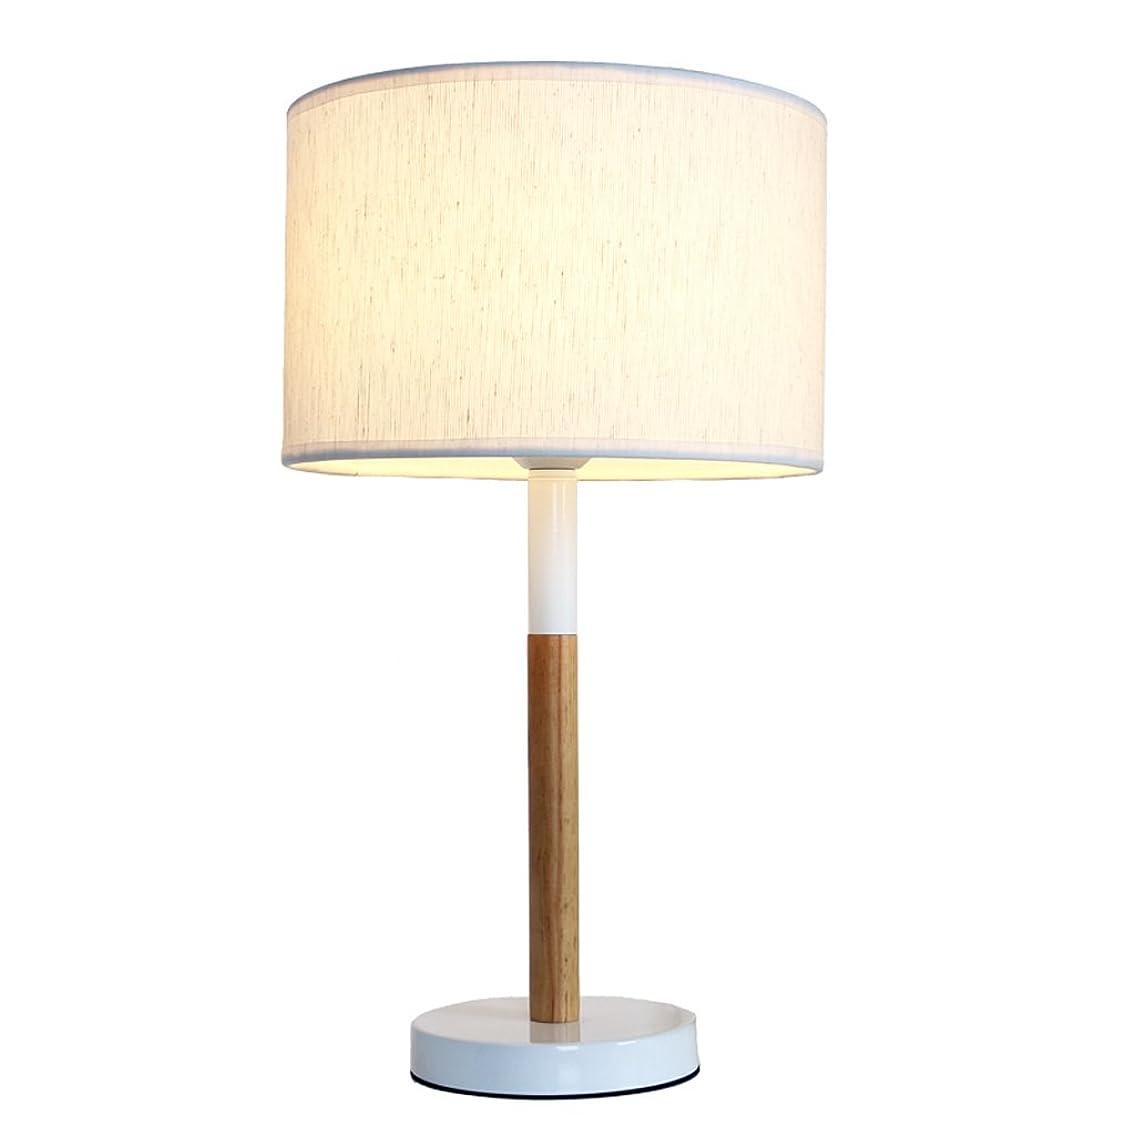 家事をするパーティー宗教的な寝室の夜の光 ベッドルームのためのシンプルな木製テーブルランプベッドサイドランプモダンな暖かくクリエイティブなアートテーブルランプE27 (色 : Button switch)